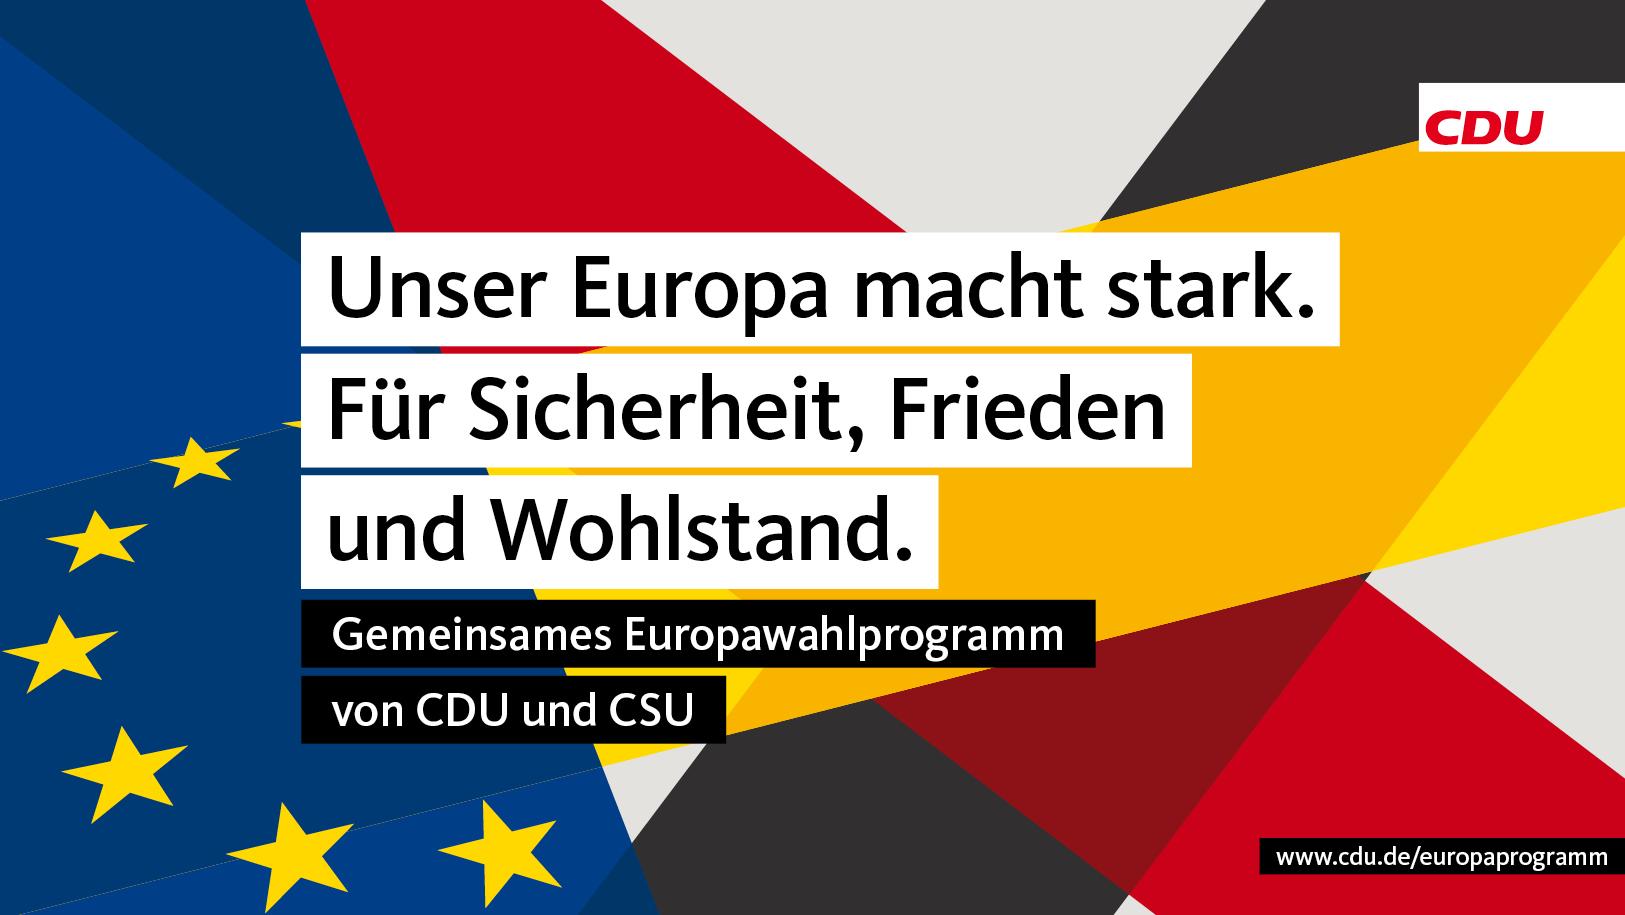 Unser Europa macht stark. Für Sicherheit, Frieden und Wohlstand.